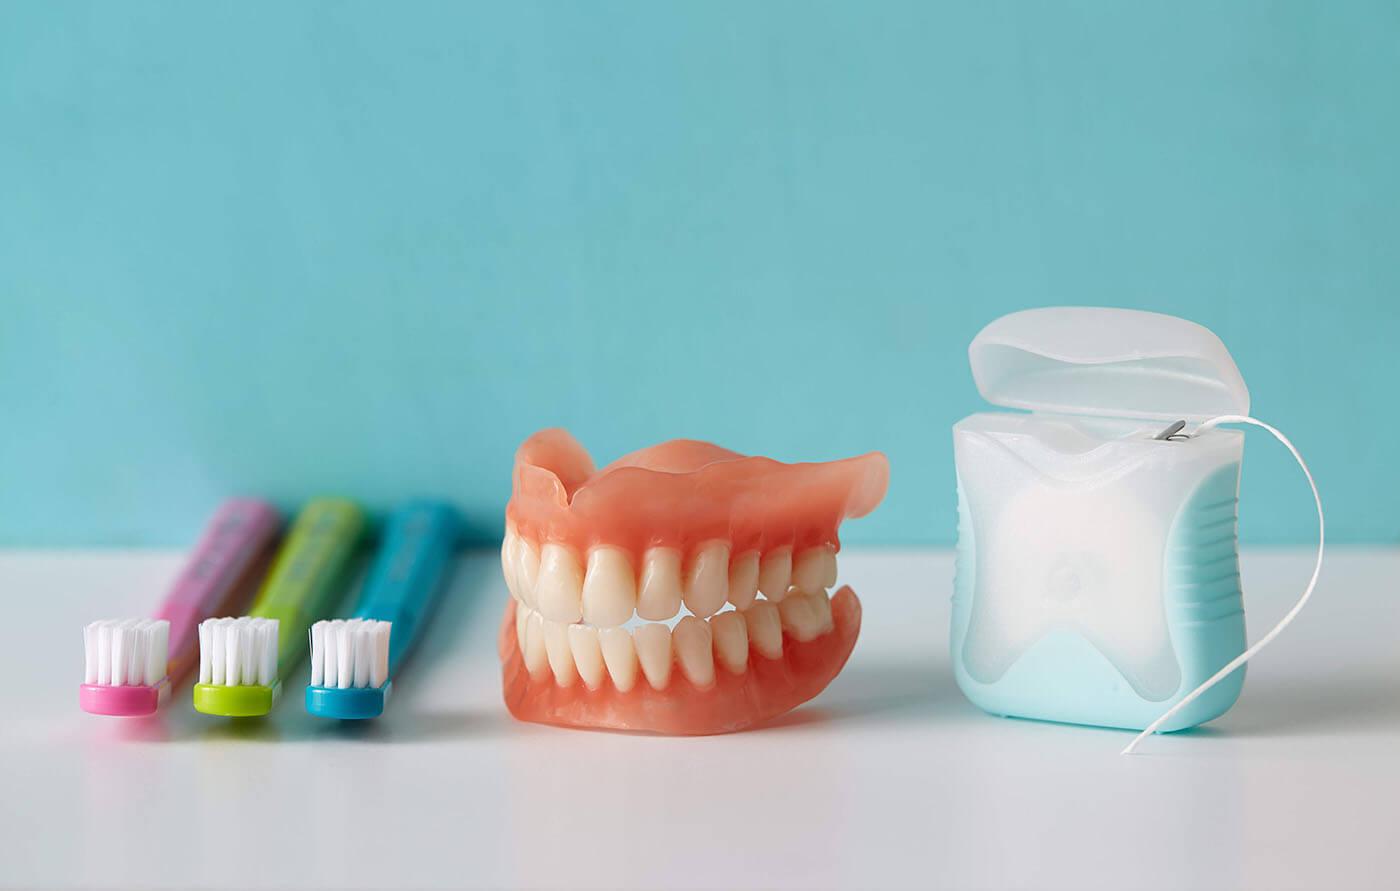 îngrijirea orală